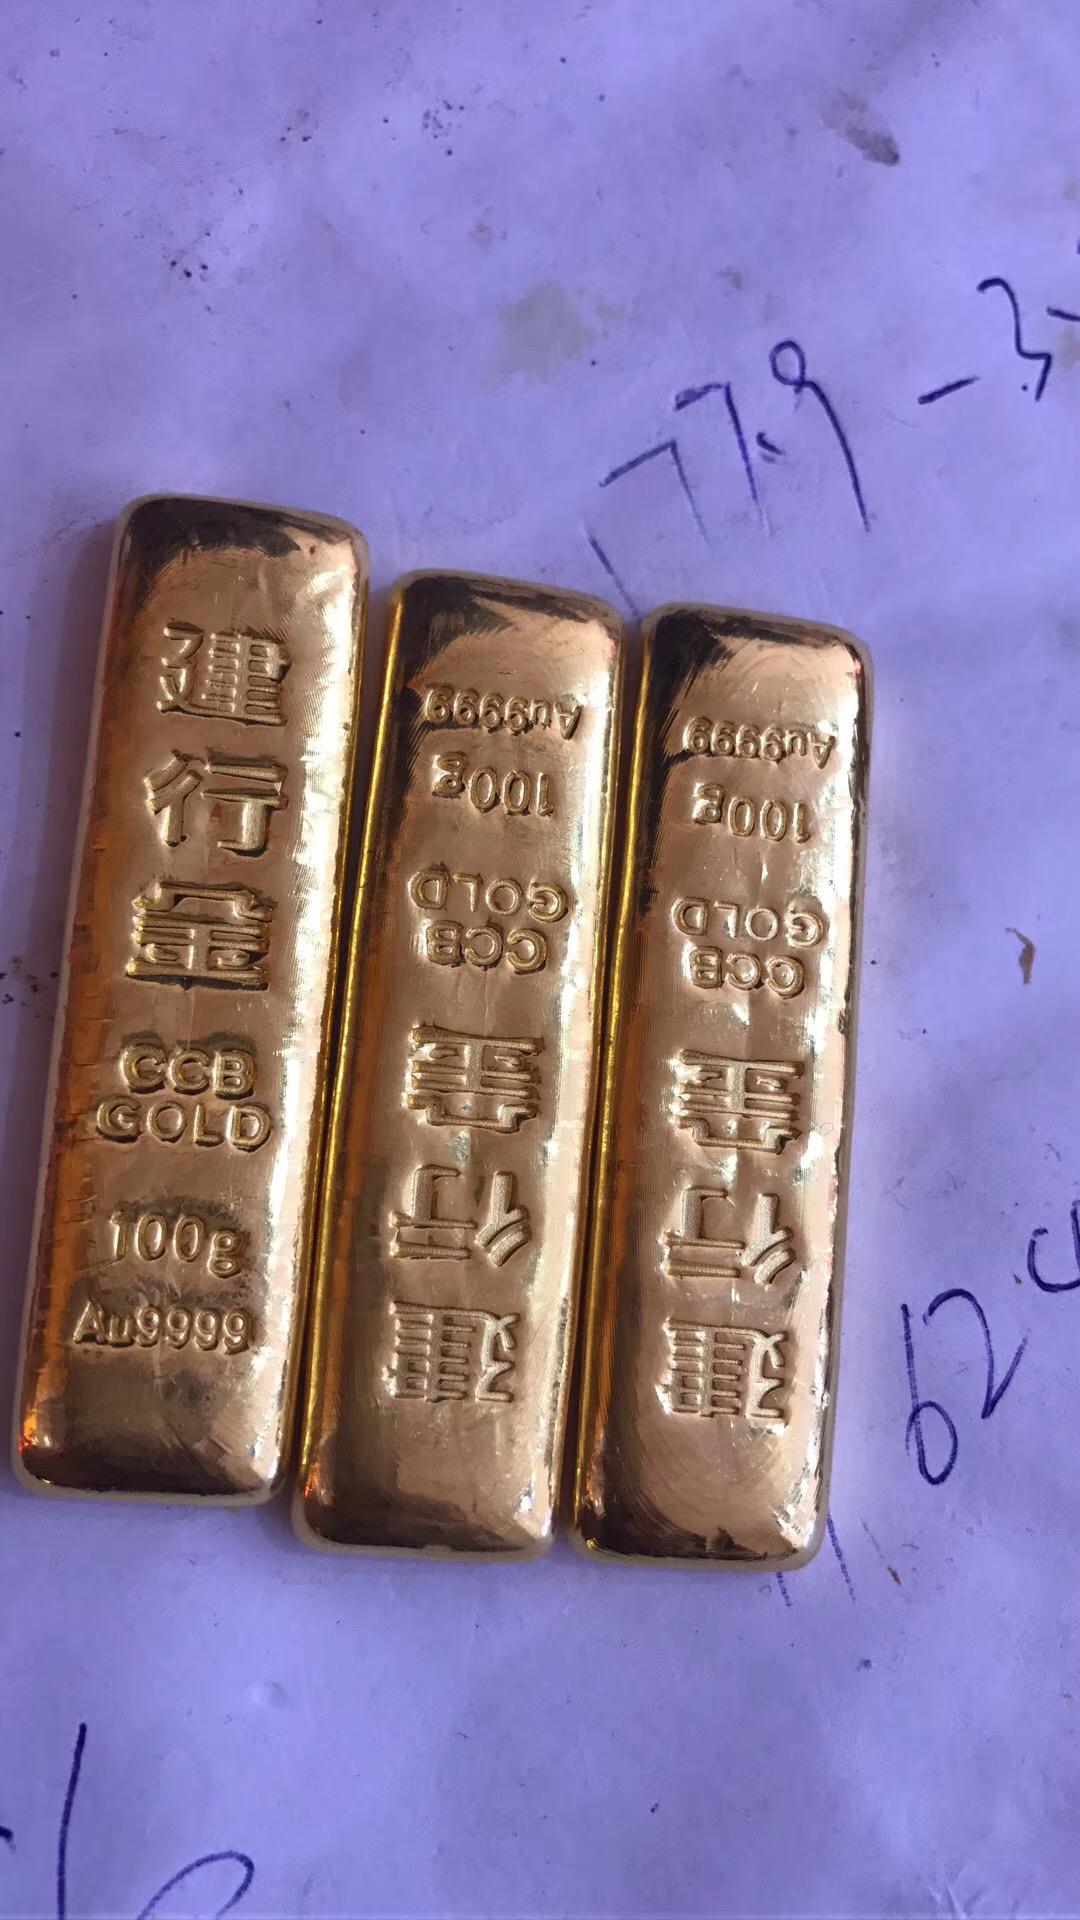 隆当黄金珠宝回收公司专业上门服务